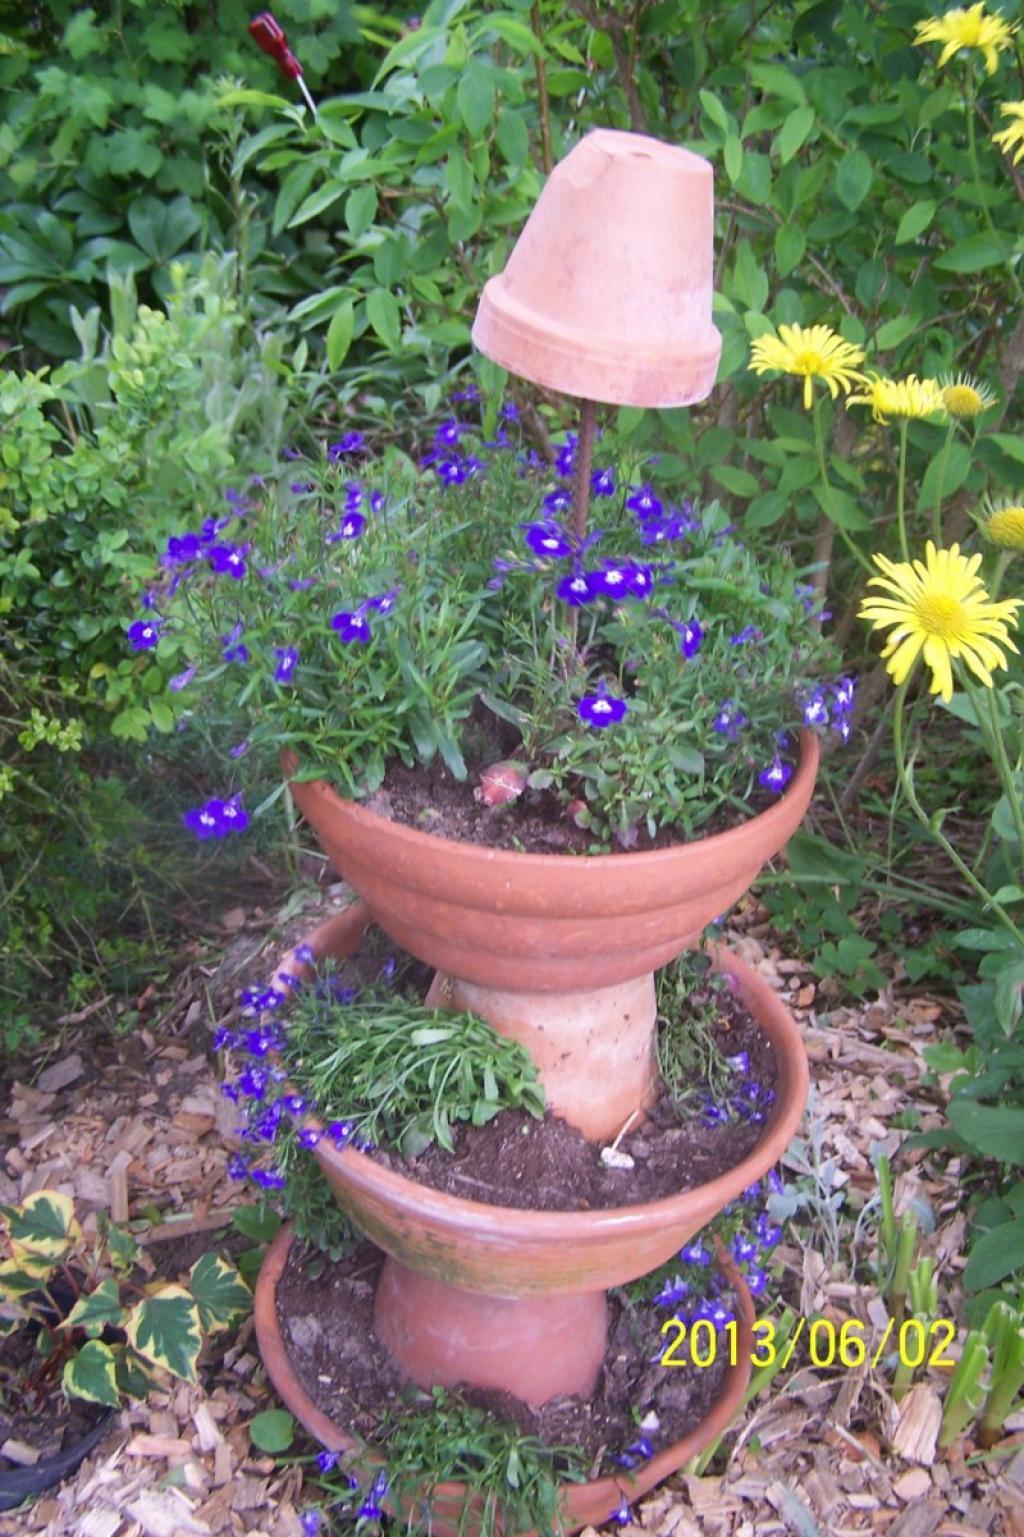 Le montage diff re un peu for Sujet de decoration de jardin